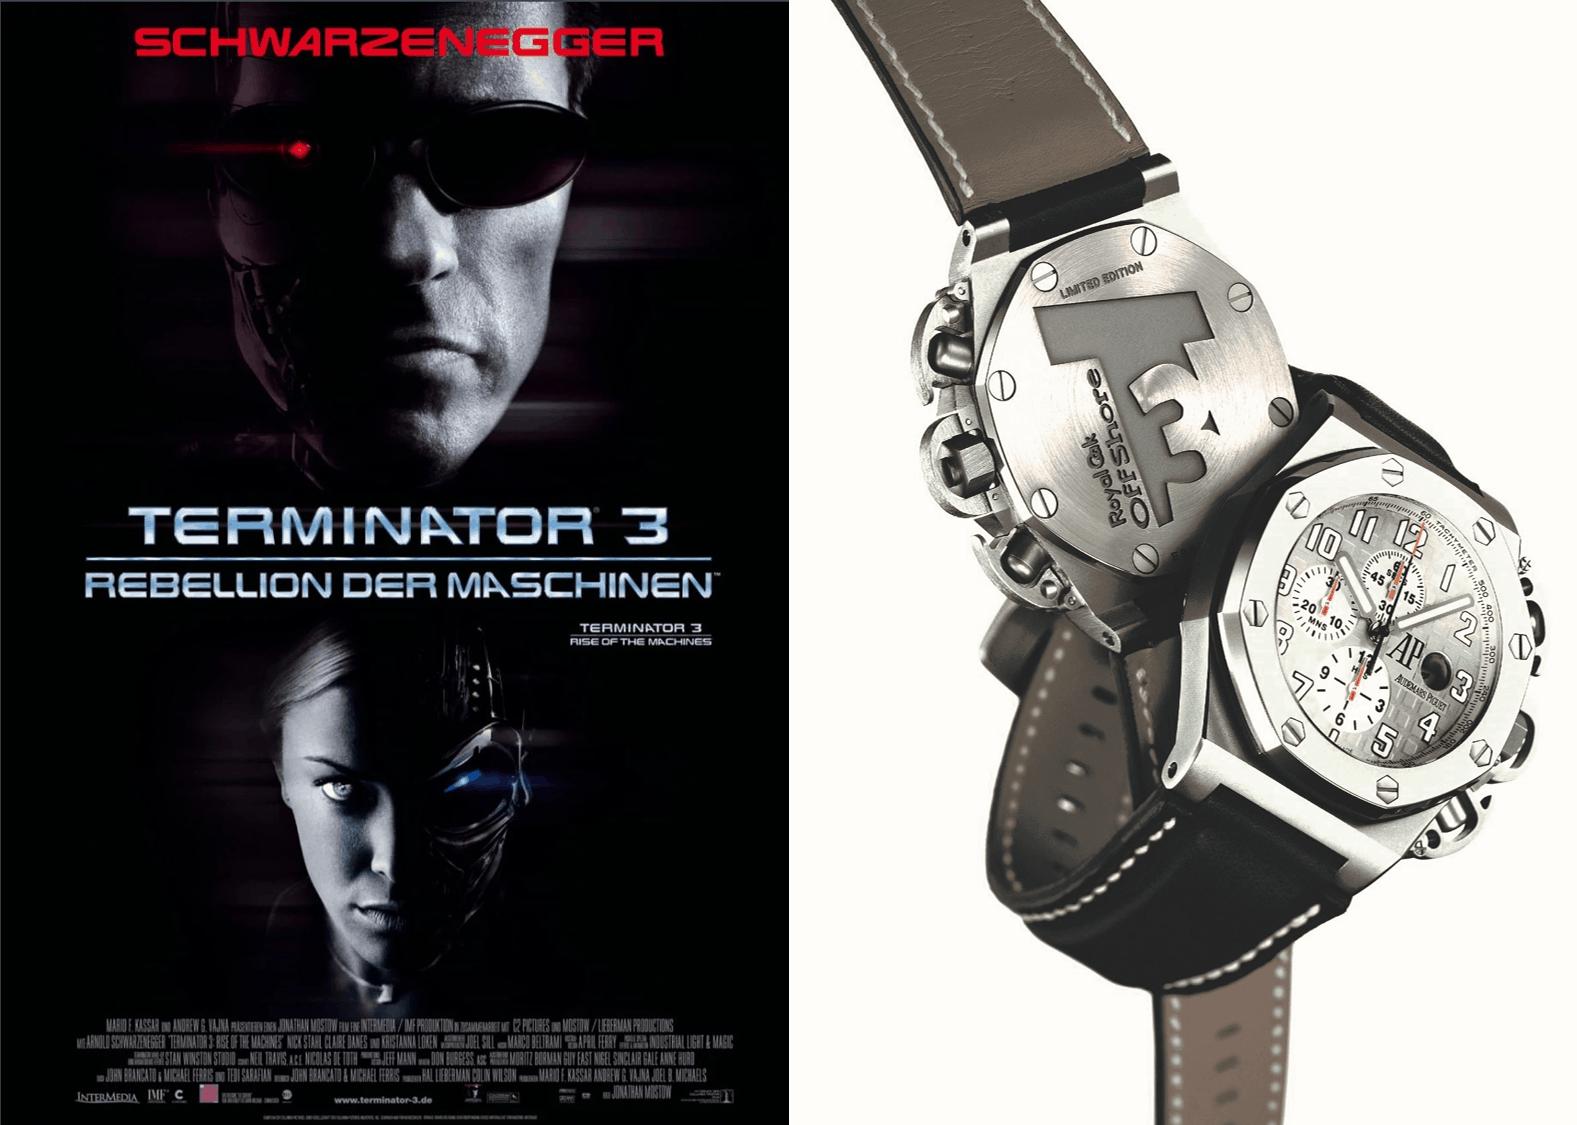 Watch of FameArnold Schwarzenegger und Audemars Piguet: Ist sie zu groß, bist du zu klein!